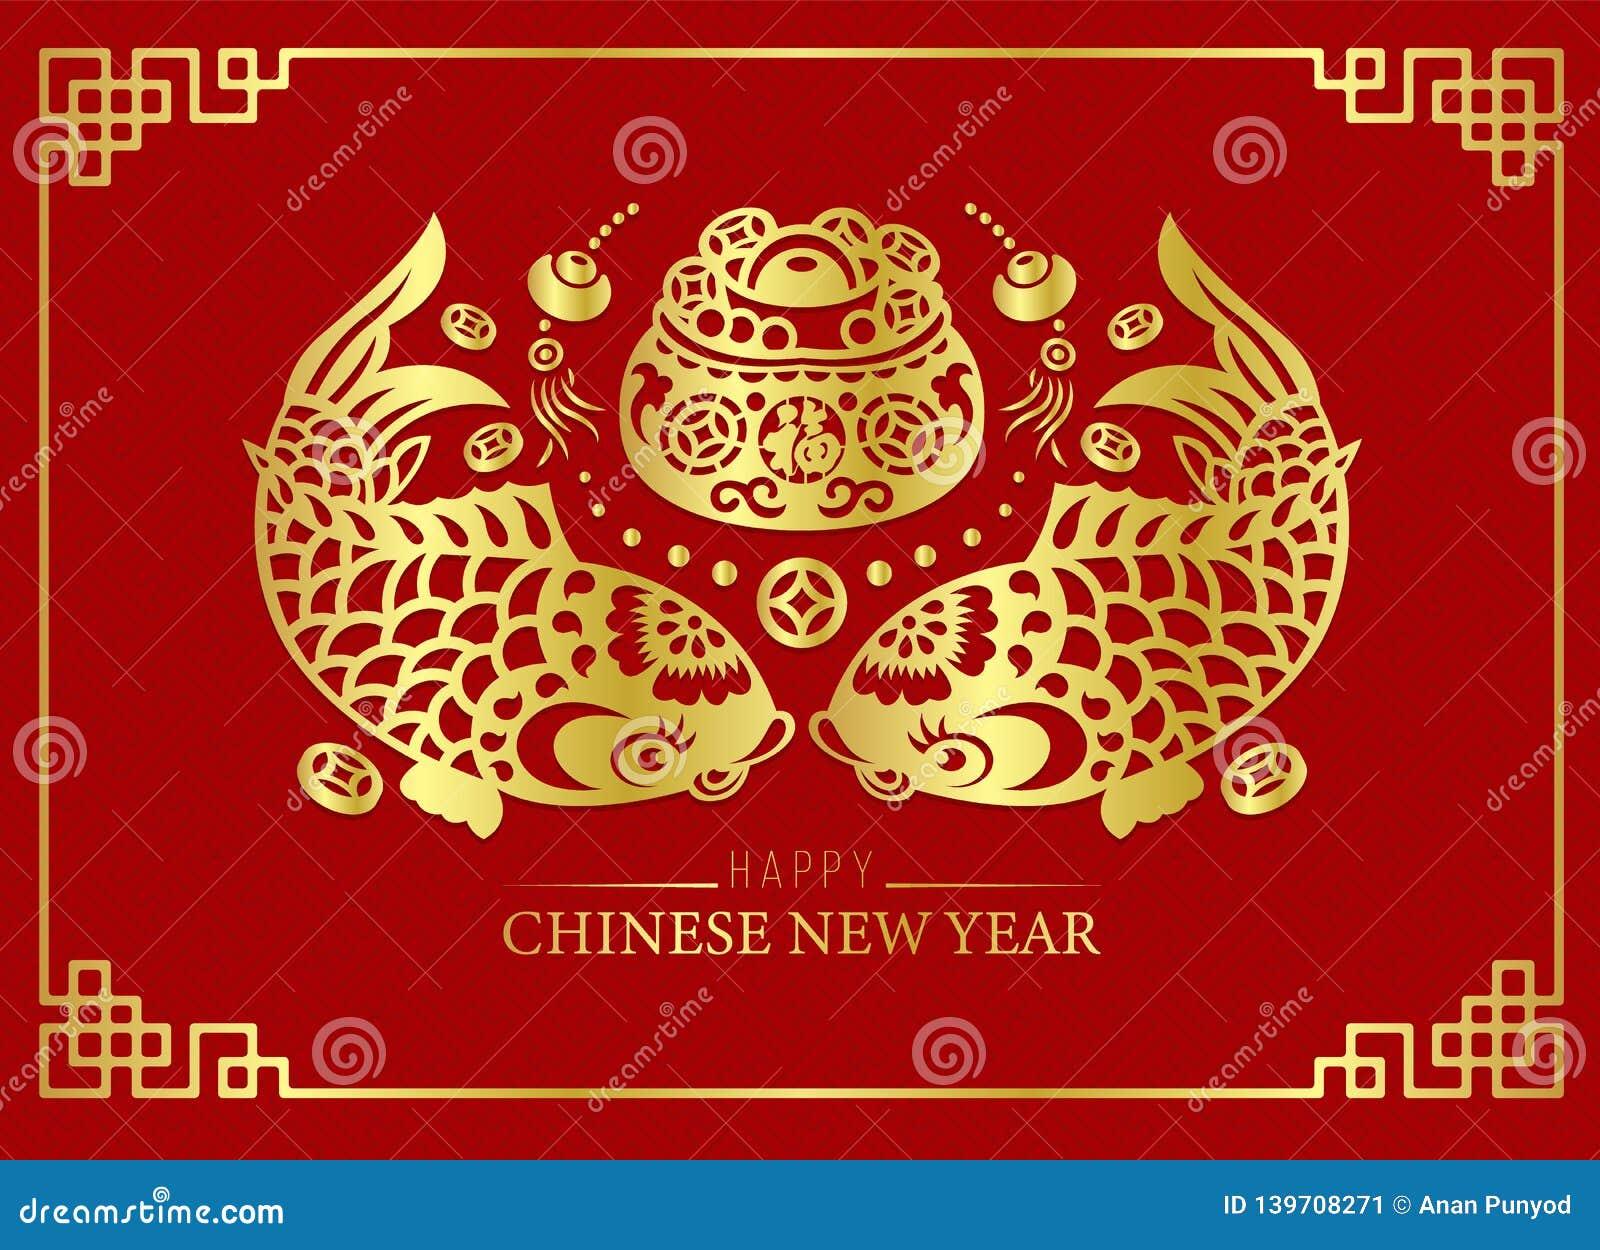 与金纸的愉快的春节贺卡切开了在红色背景传染媒介设计的幸运的双鱼和金钱袋子